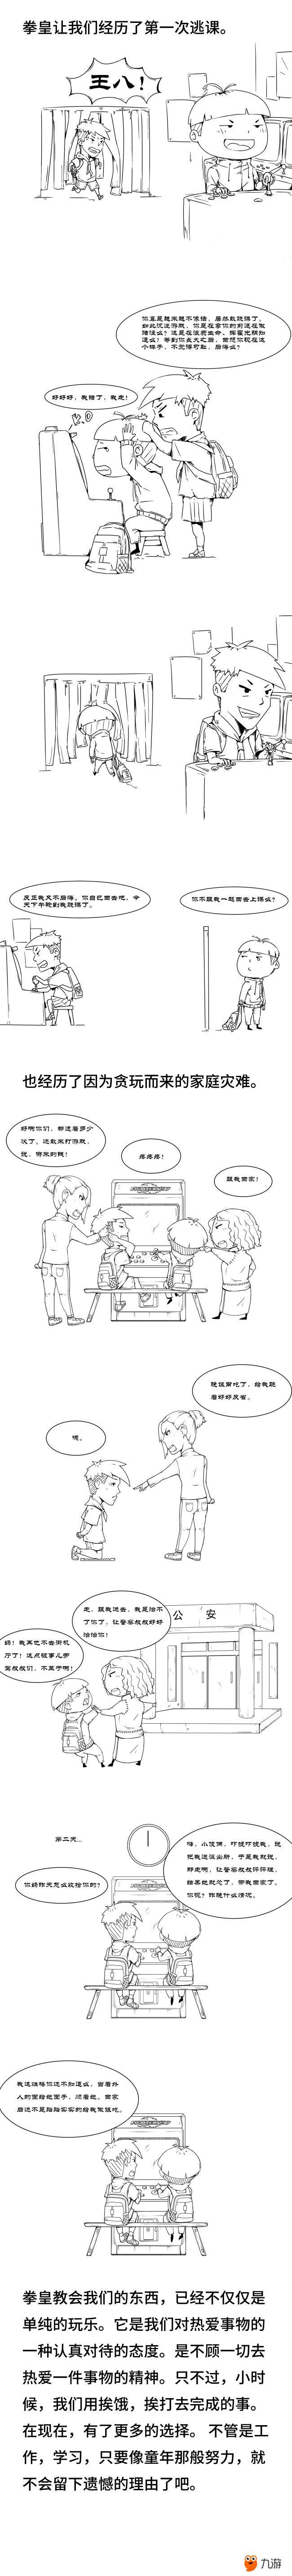 打游戏2_编辑.jpg